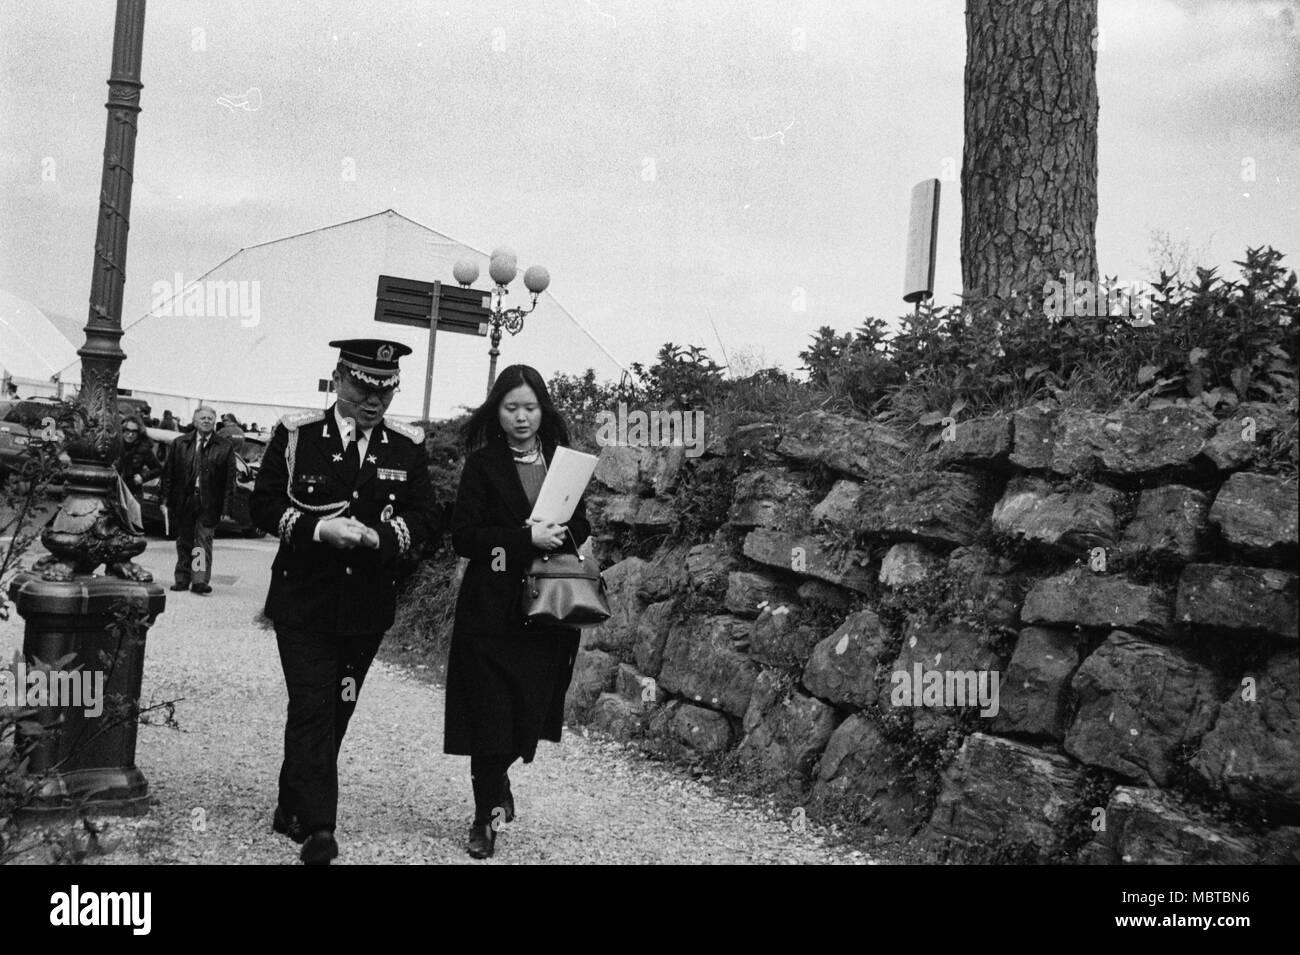 Junge Militär allgemein und seiner asiatischen Frau trat der Luftfahrt Kräfte Frecce Tricolori 93th Jahrestag. Piazzale Michelangelo, Florenz. Italien Stockbild